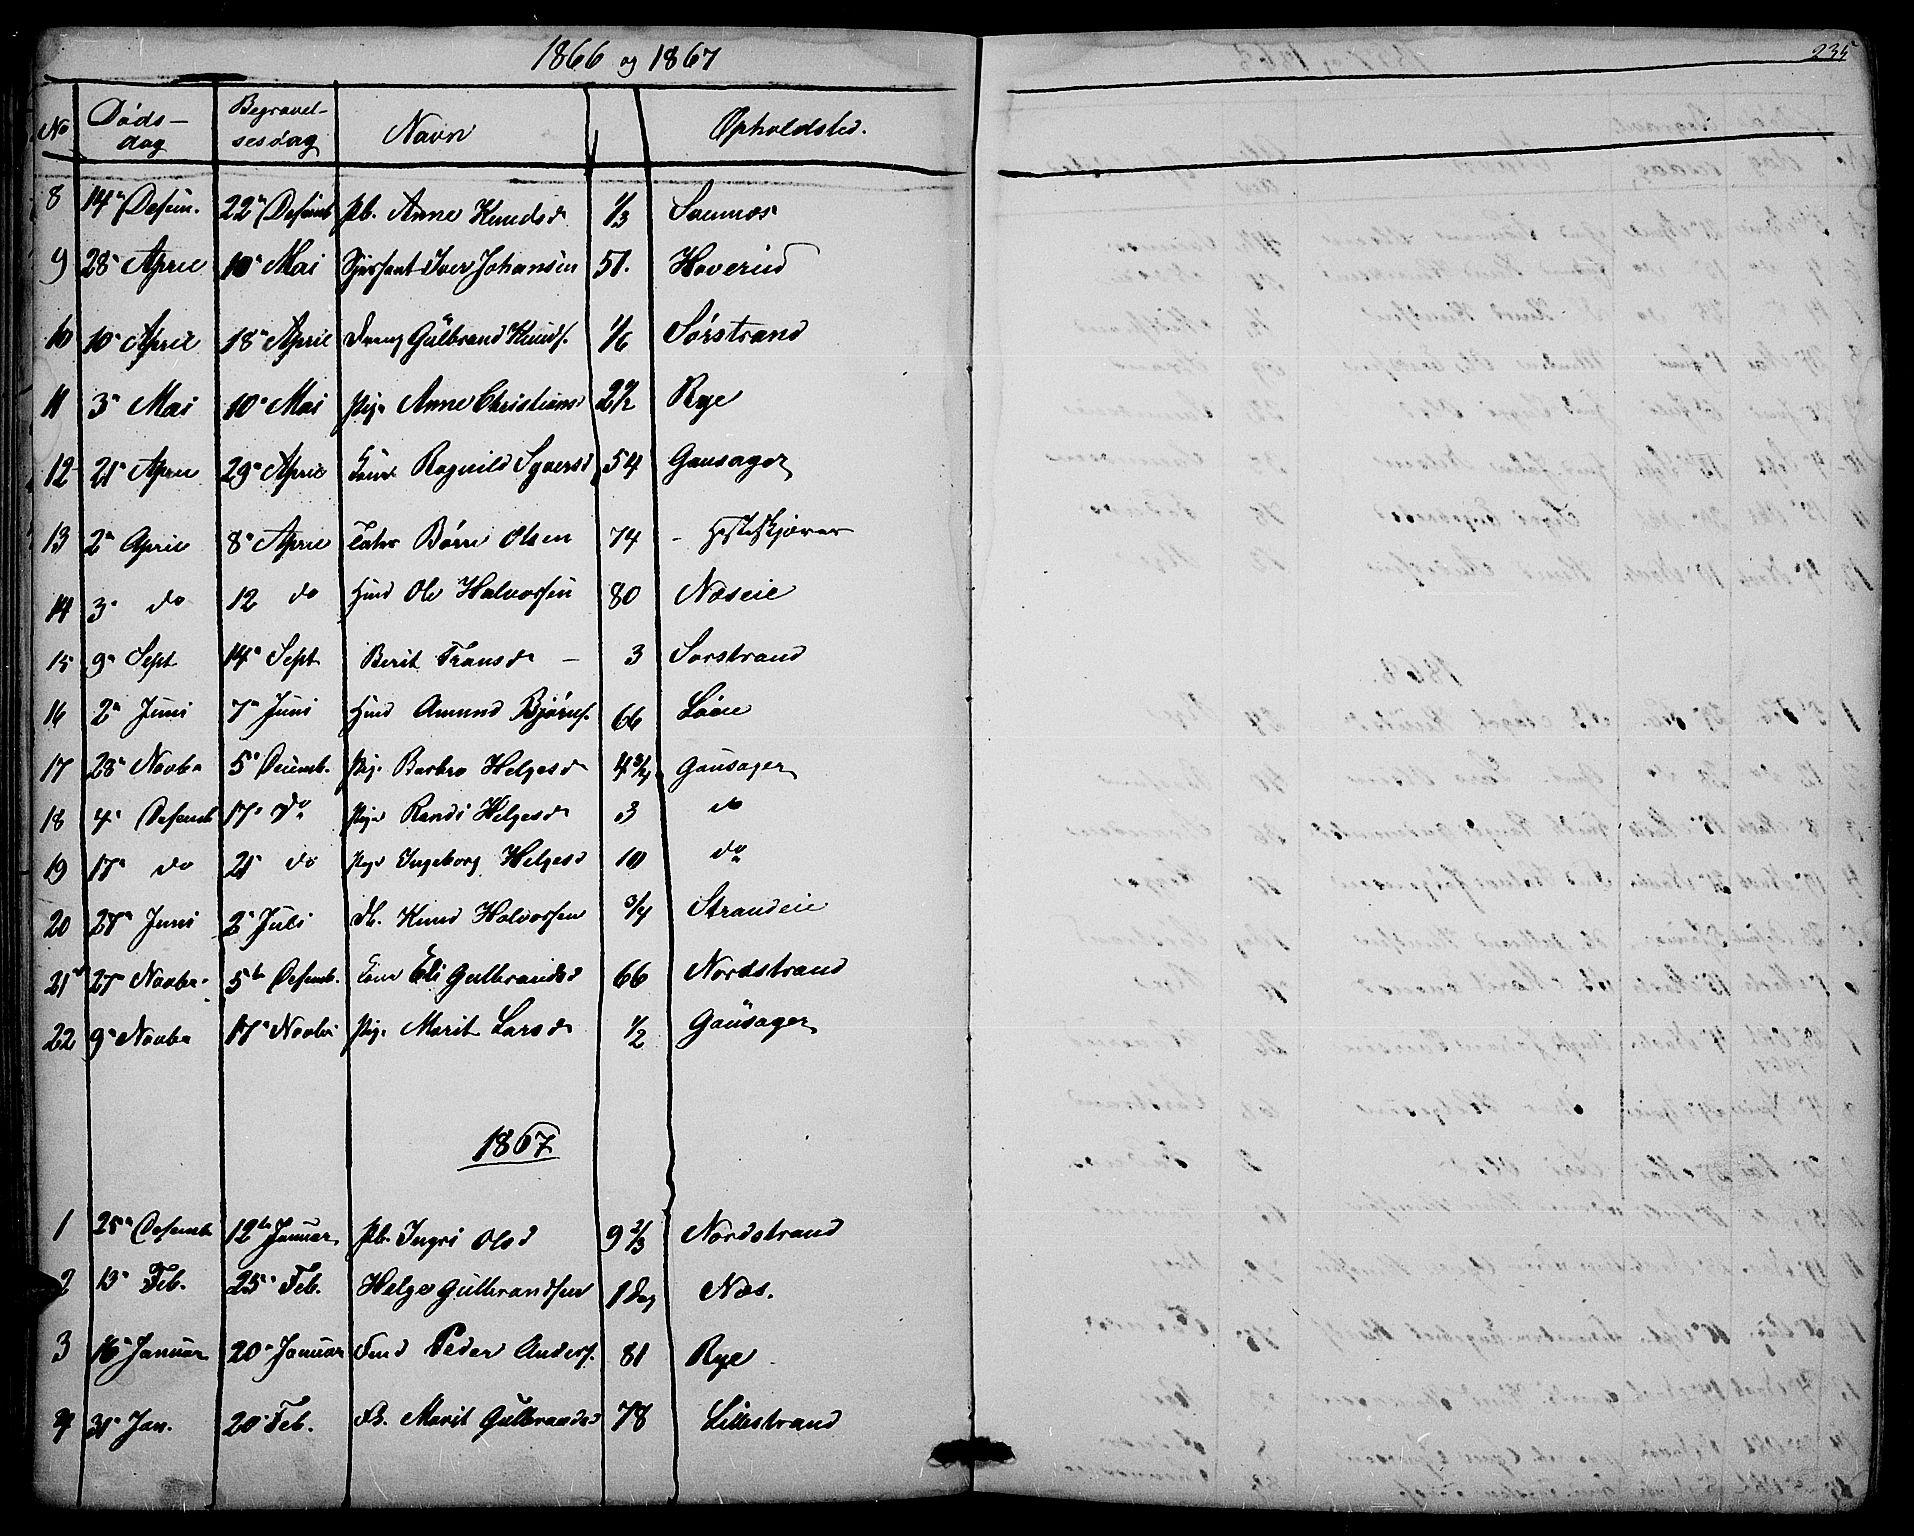 SAH, Nord-Aurdal prestekontor, Klokkerbok nr. 3, 1842-1882, s. 235